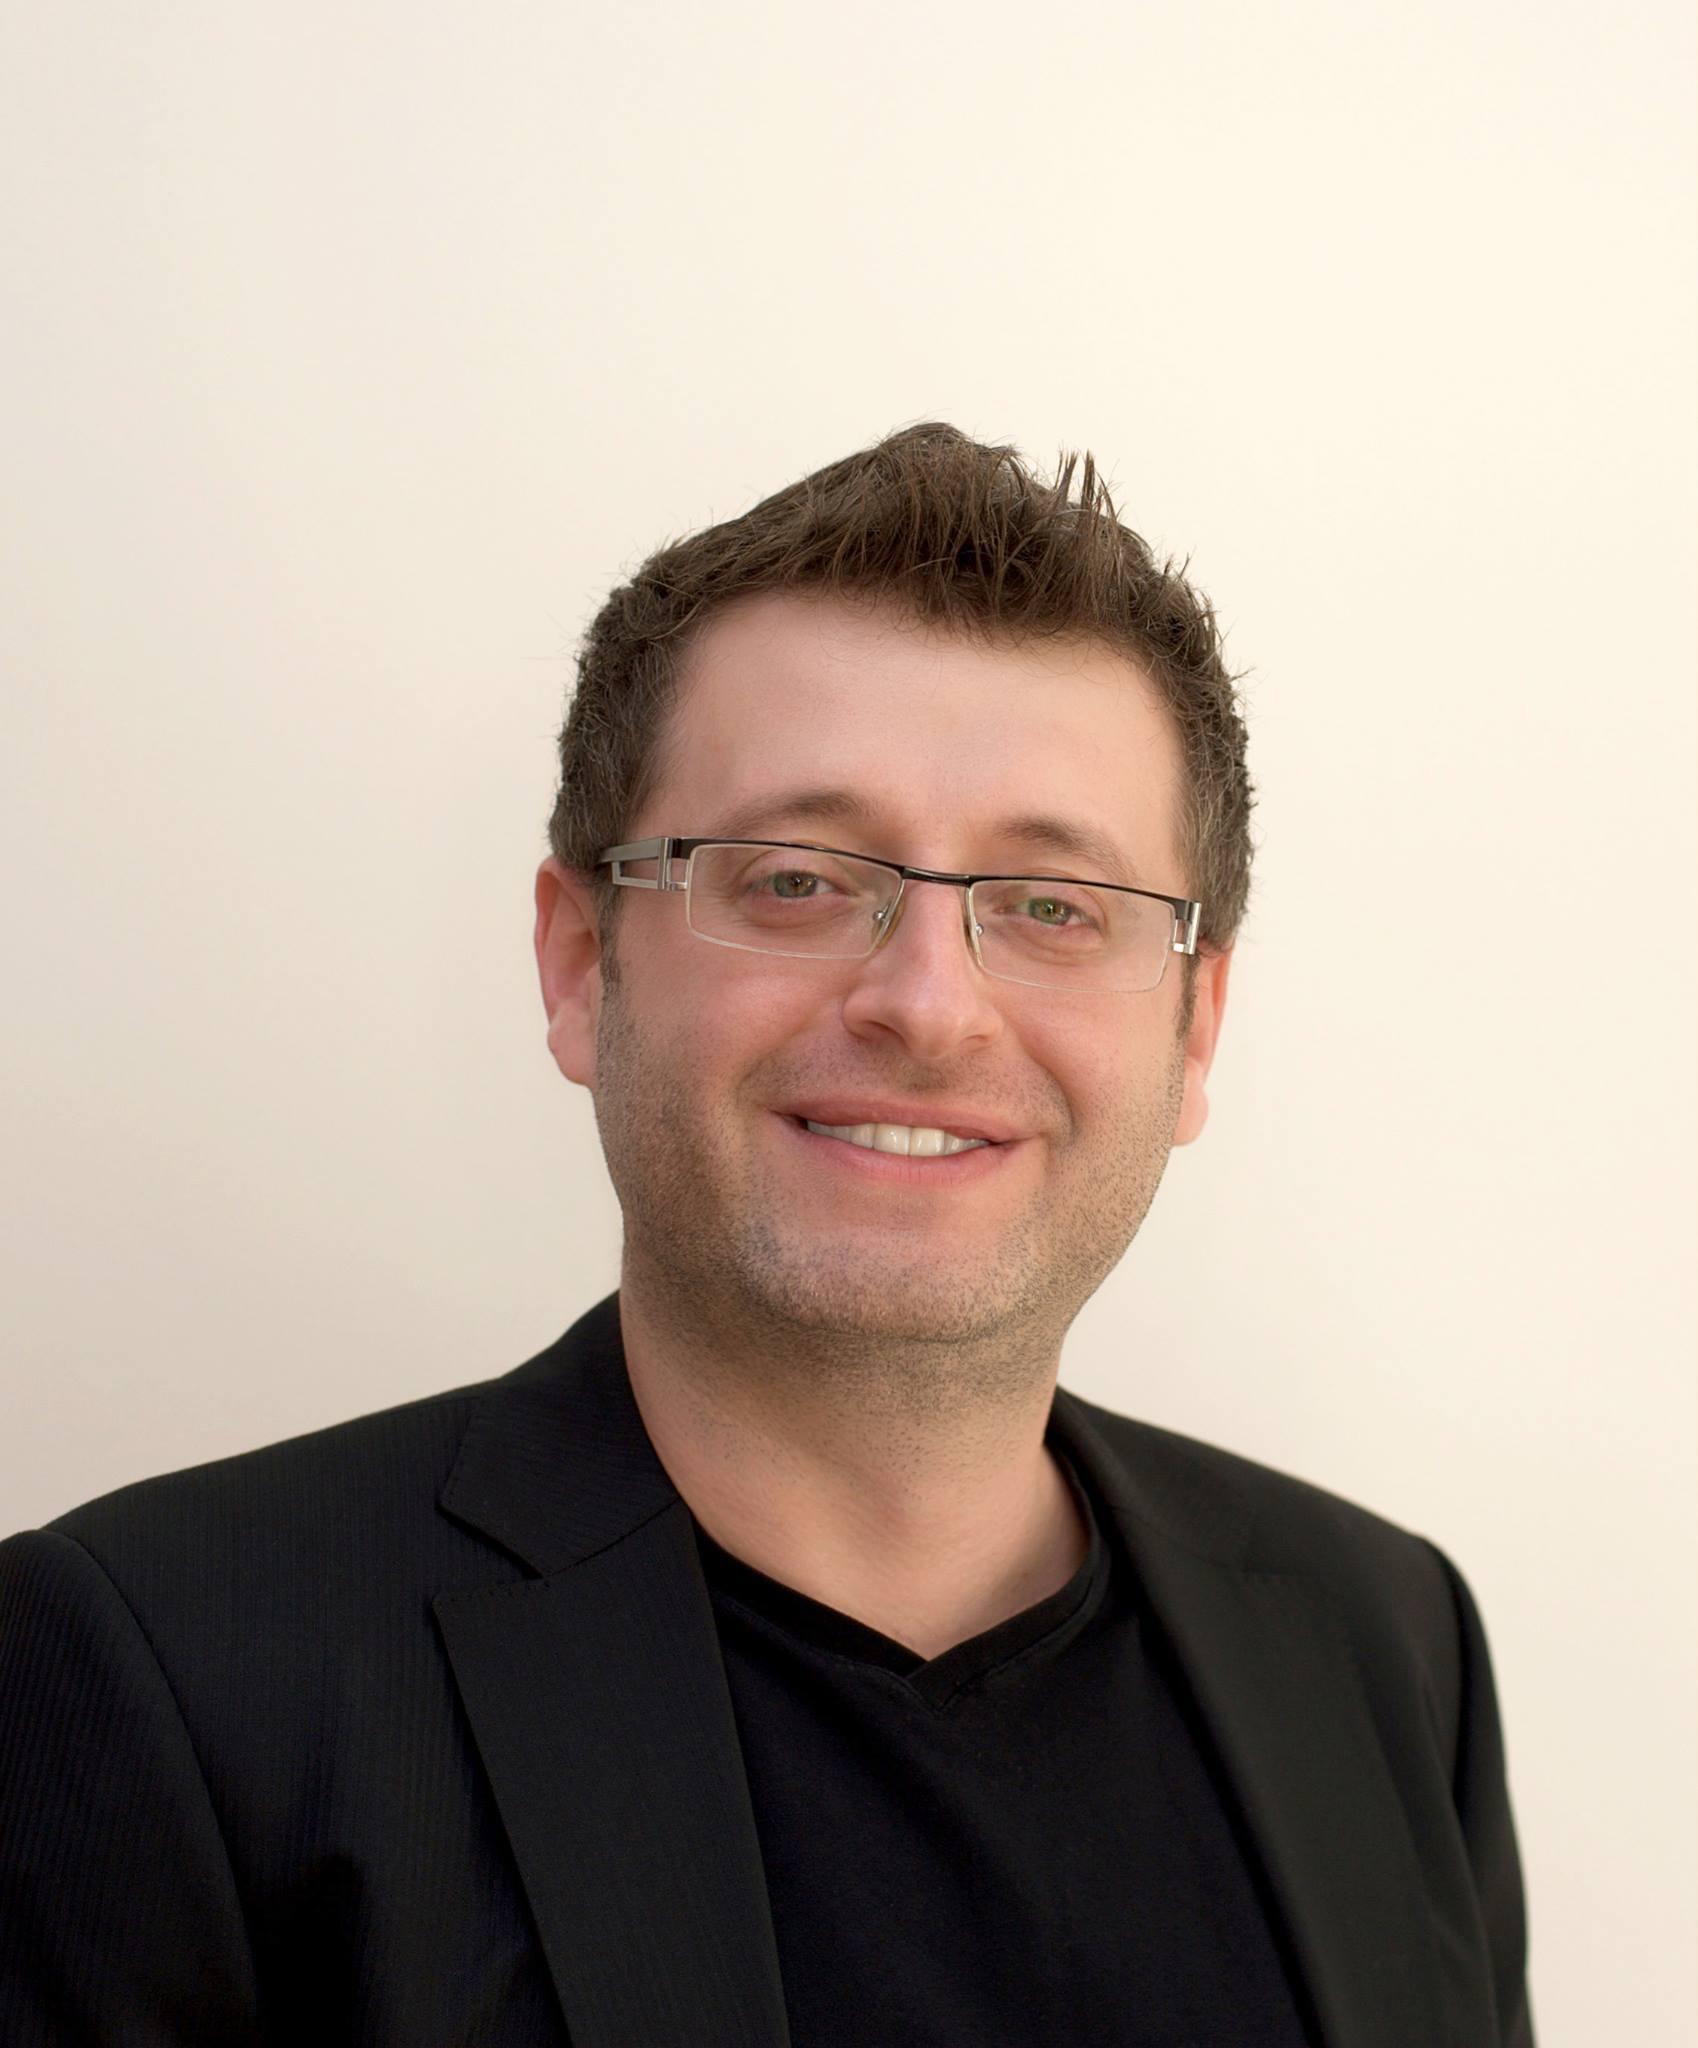 Рабочие места: Александр Варшавский, CEO и основатель уникального сервиса Fixico